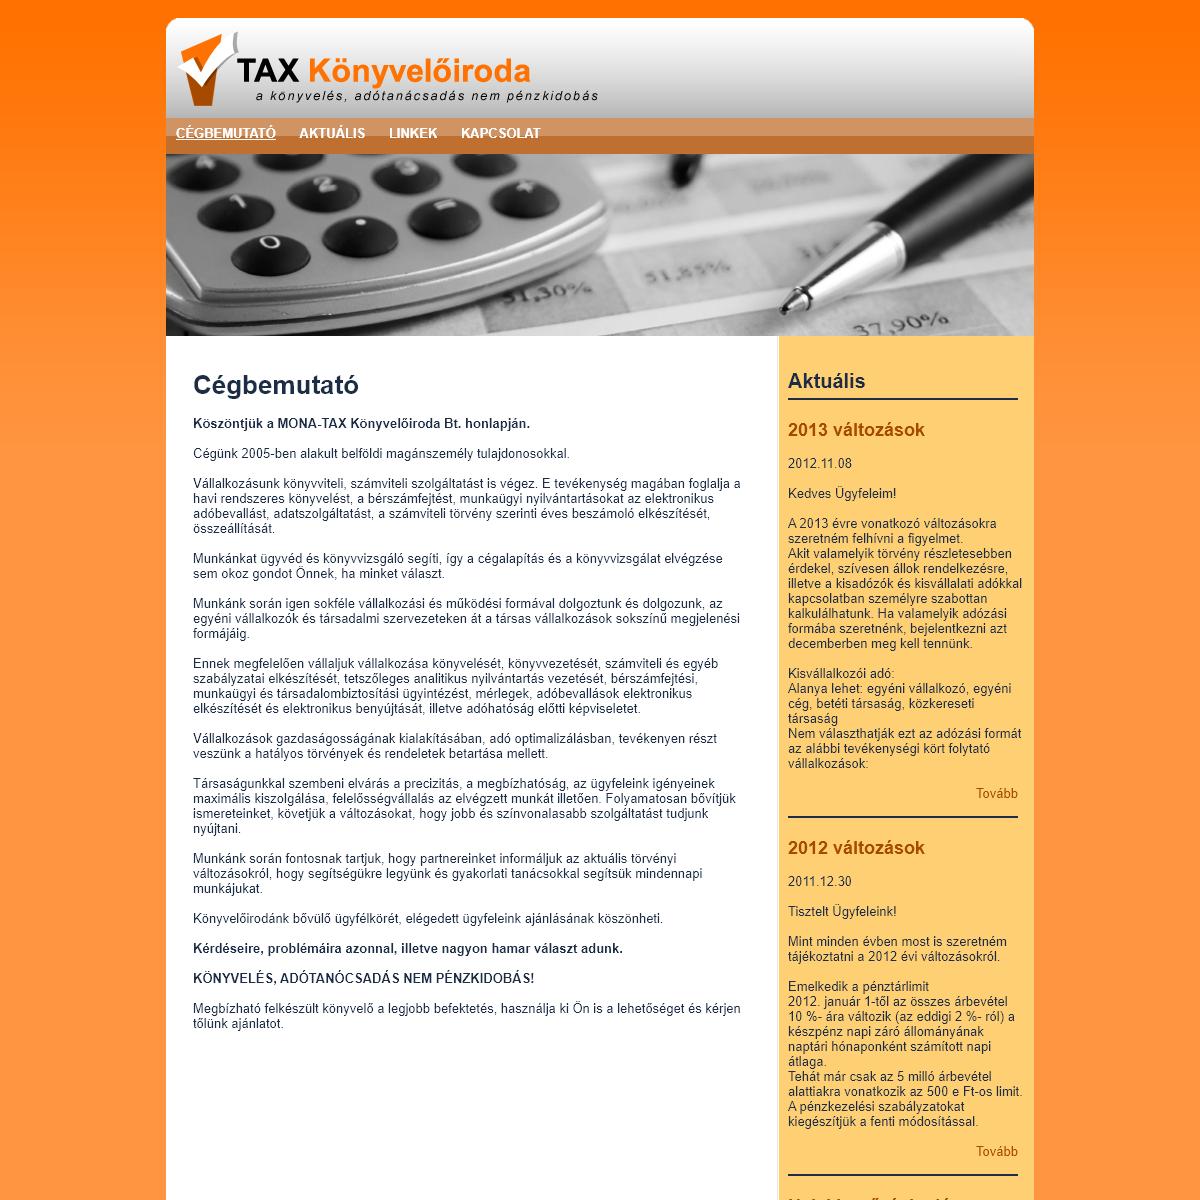 Mona-Tax Bt. -- Cégbemutató